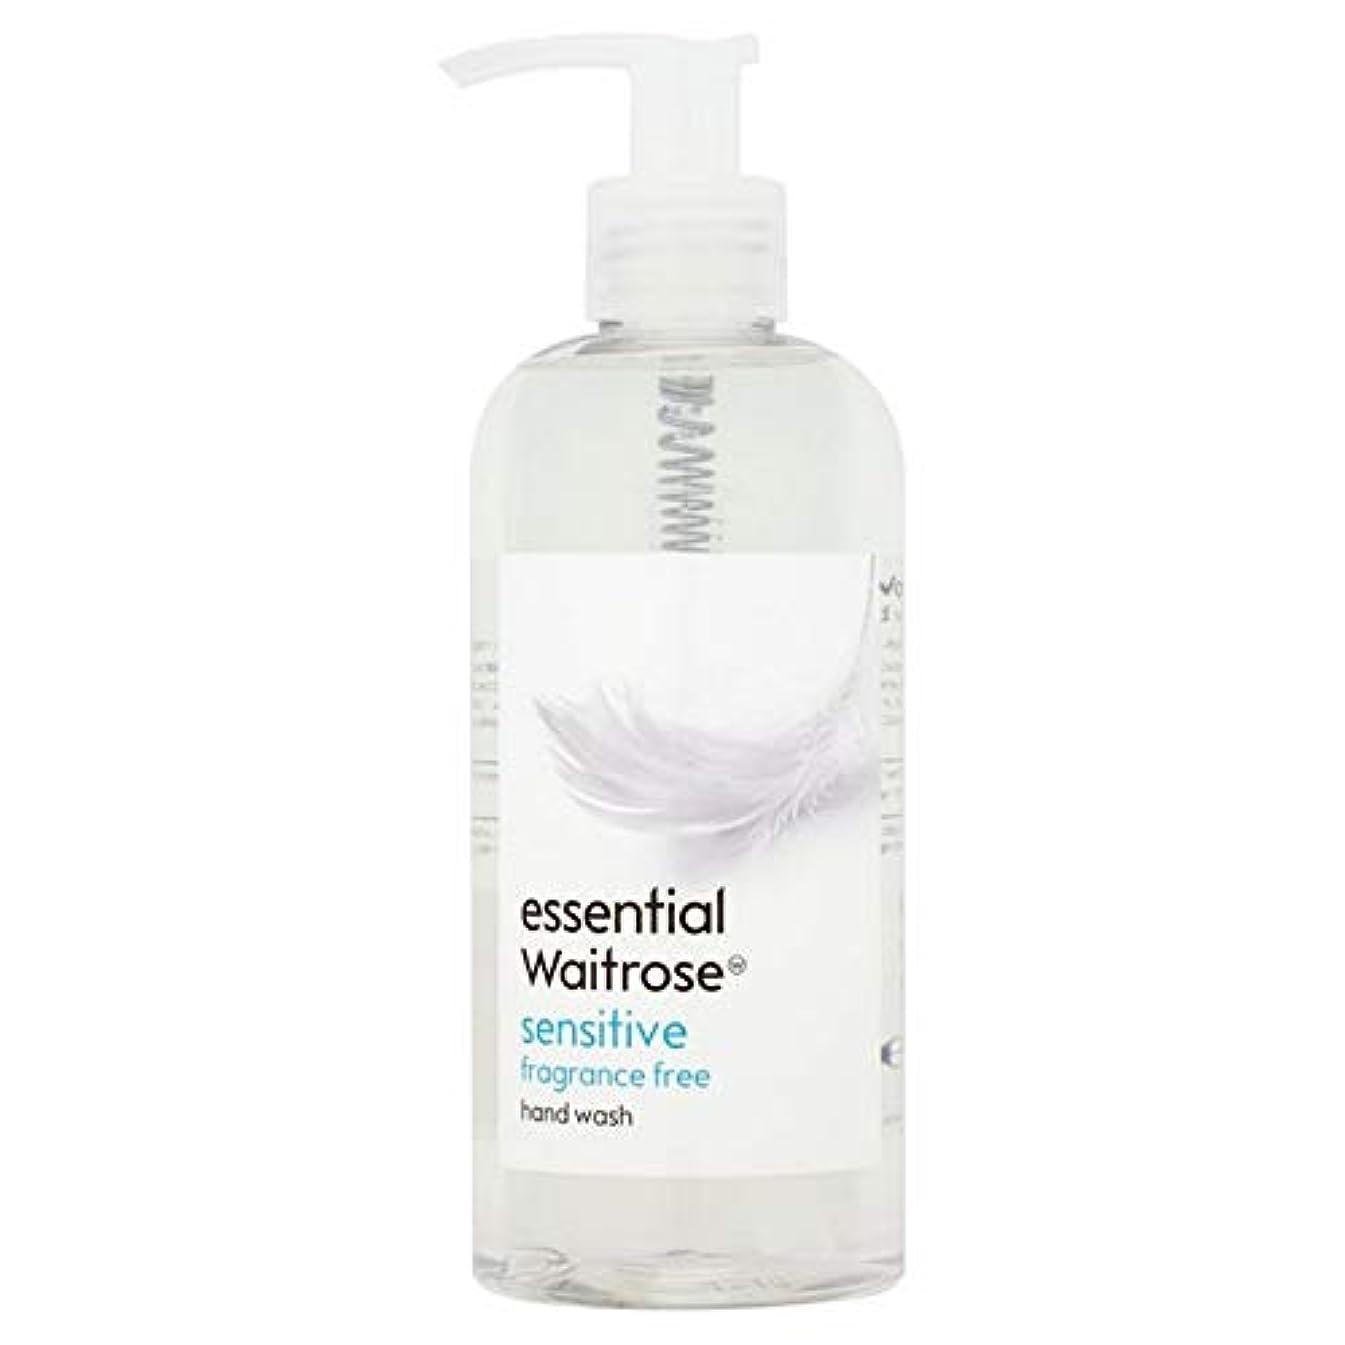 具体的に寝てるおしゃれじゃない[Waitrose ] 基本的なウェイトローズのハンドウォッシュ敏感な300ミリリットル - Essential Waitrose Hand Wash Sensitive 300ml [並行輸入品]